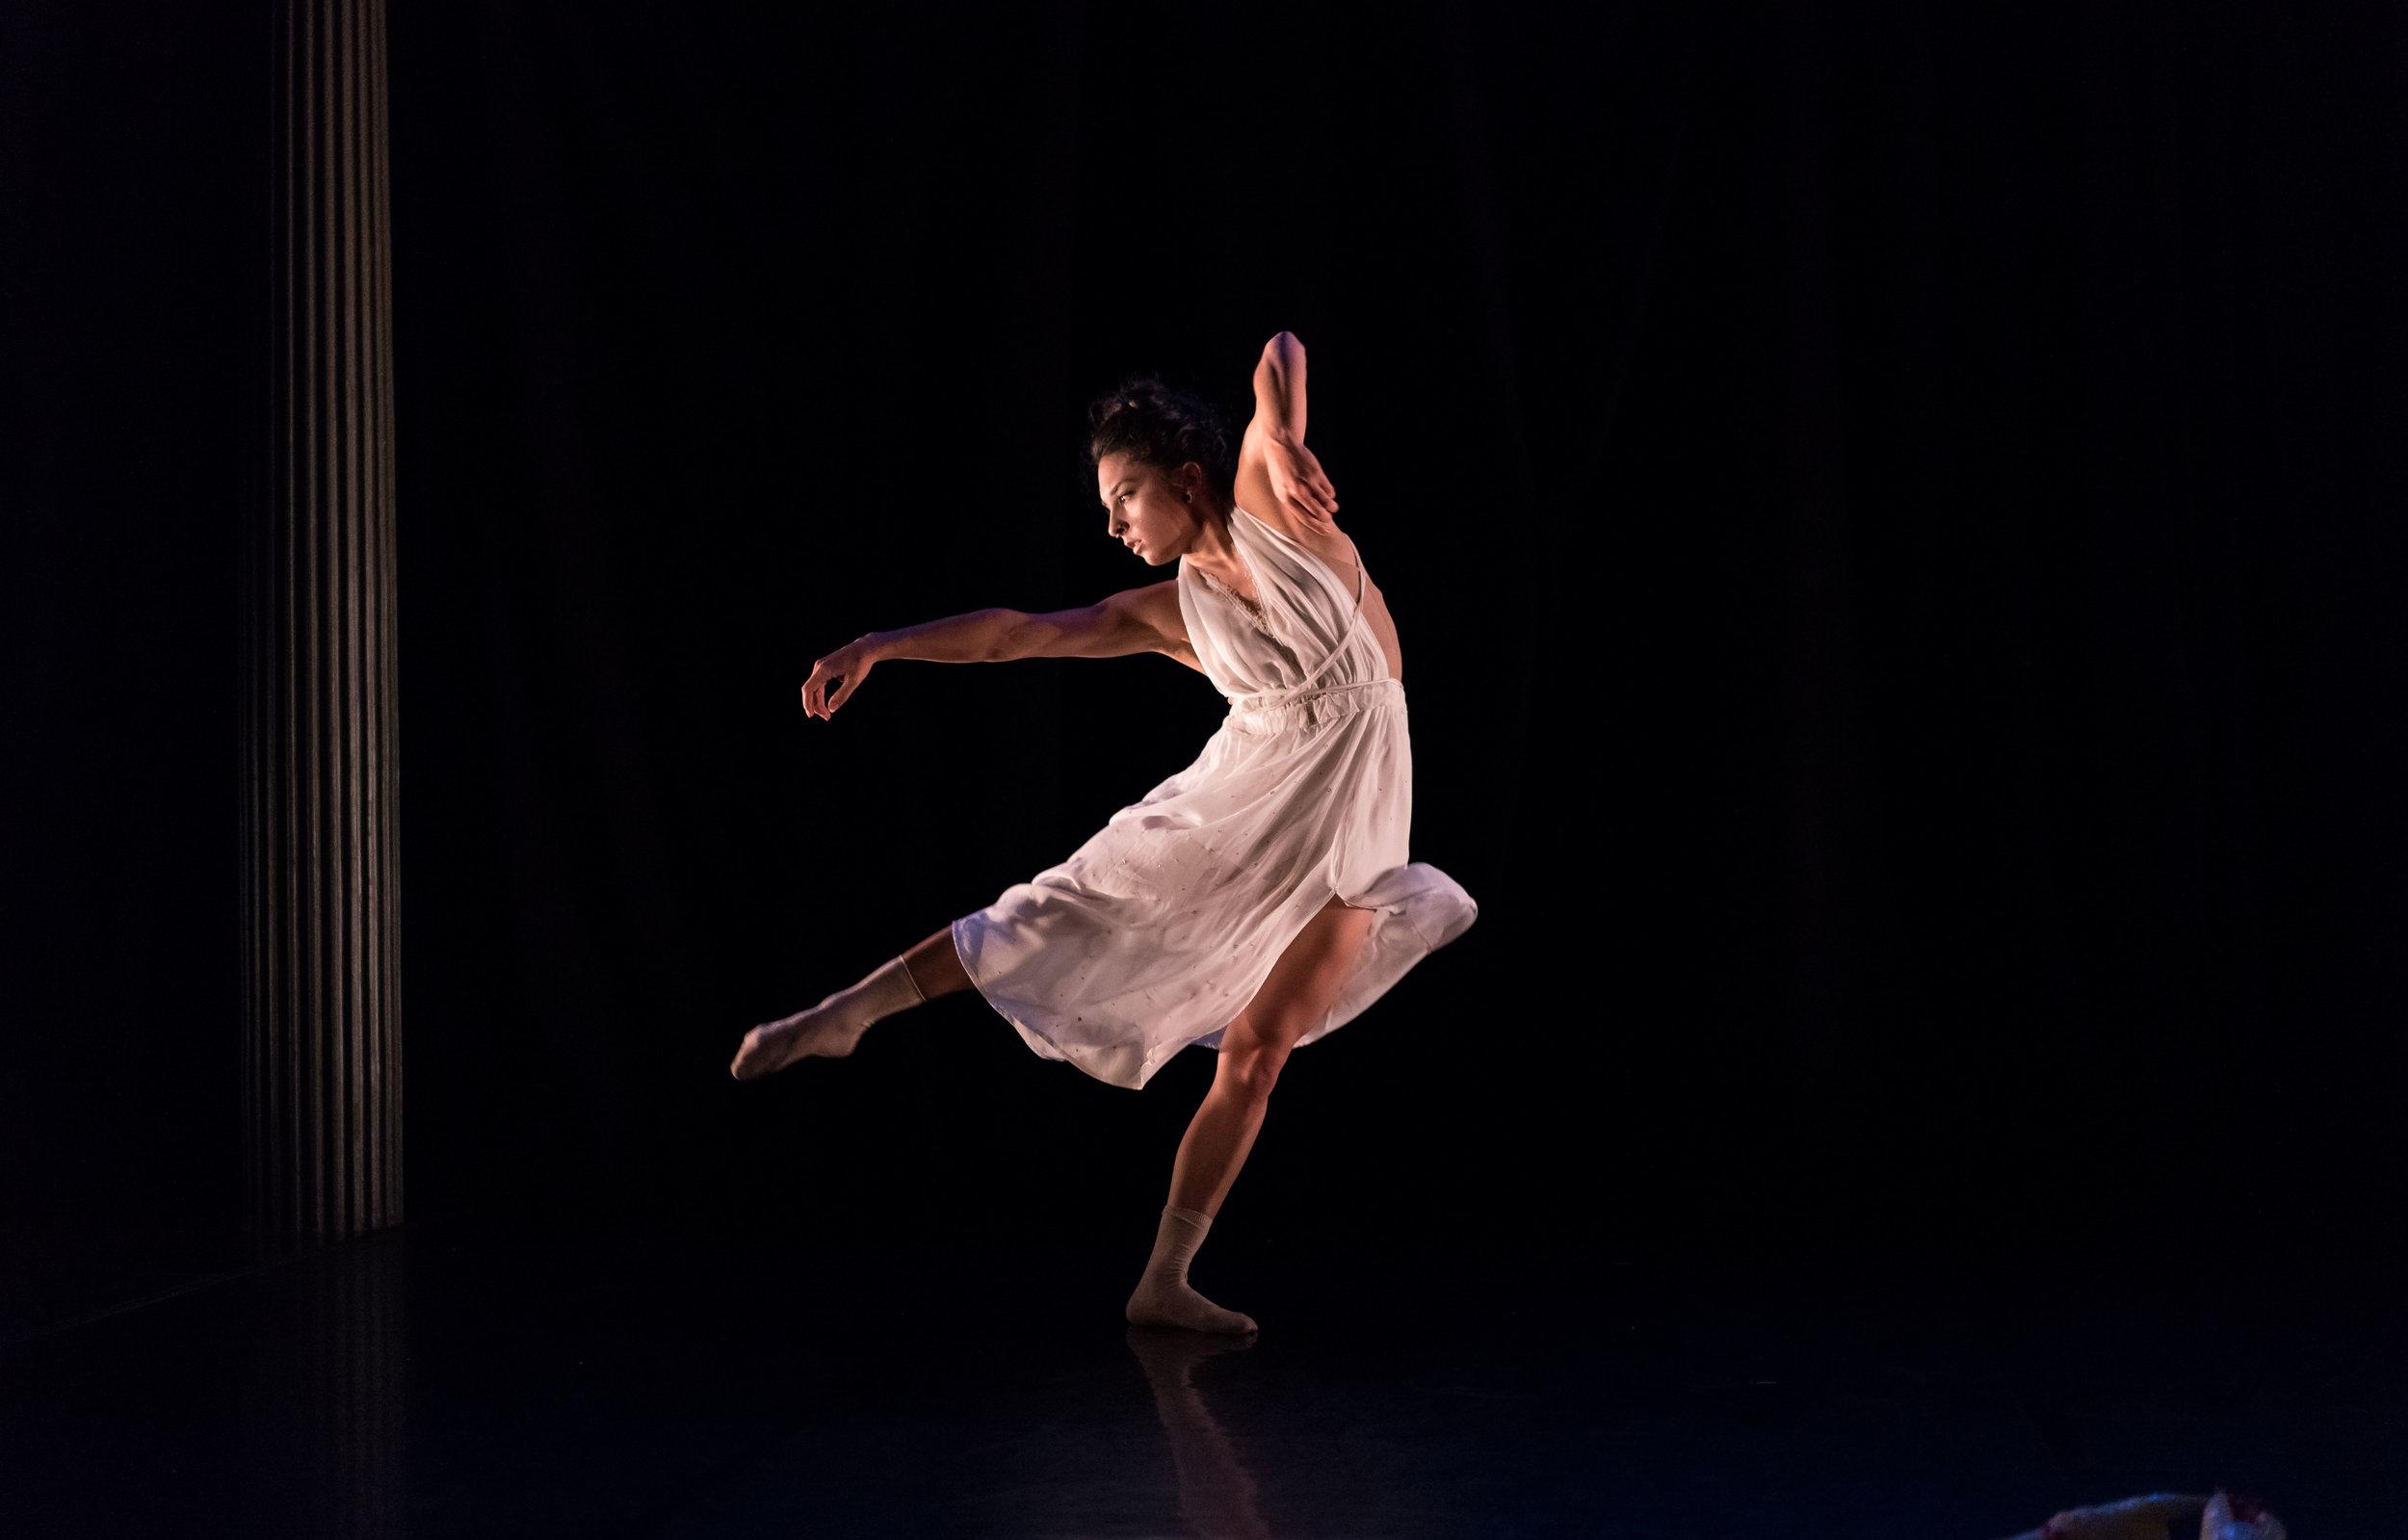 Minika-Ko-Contemporary-Dance-Wear